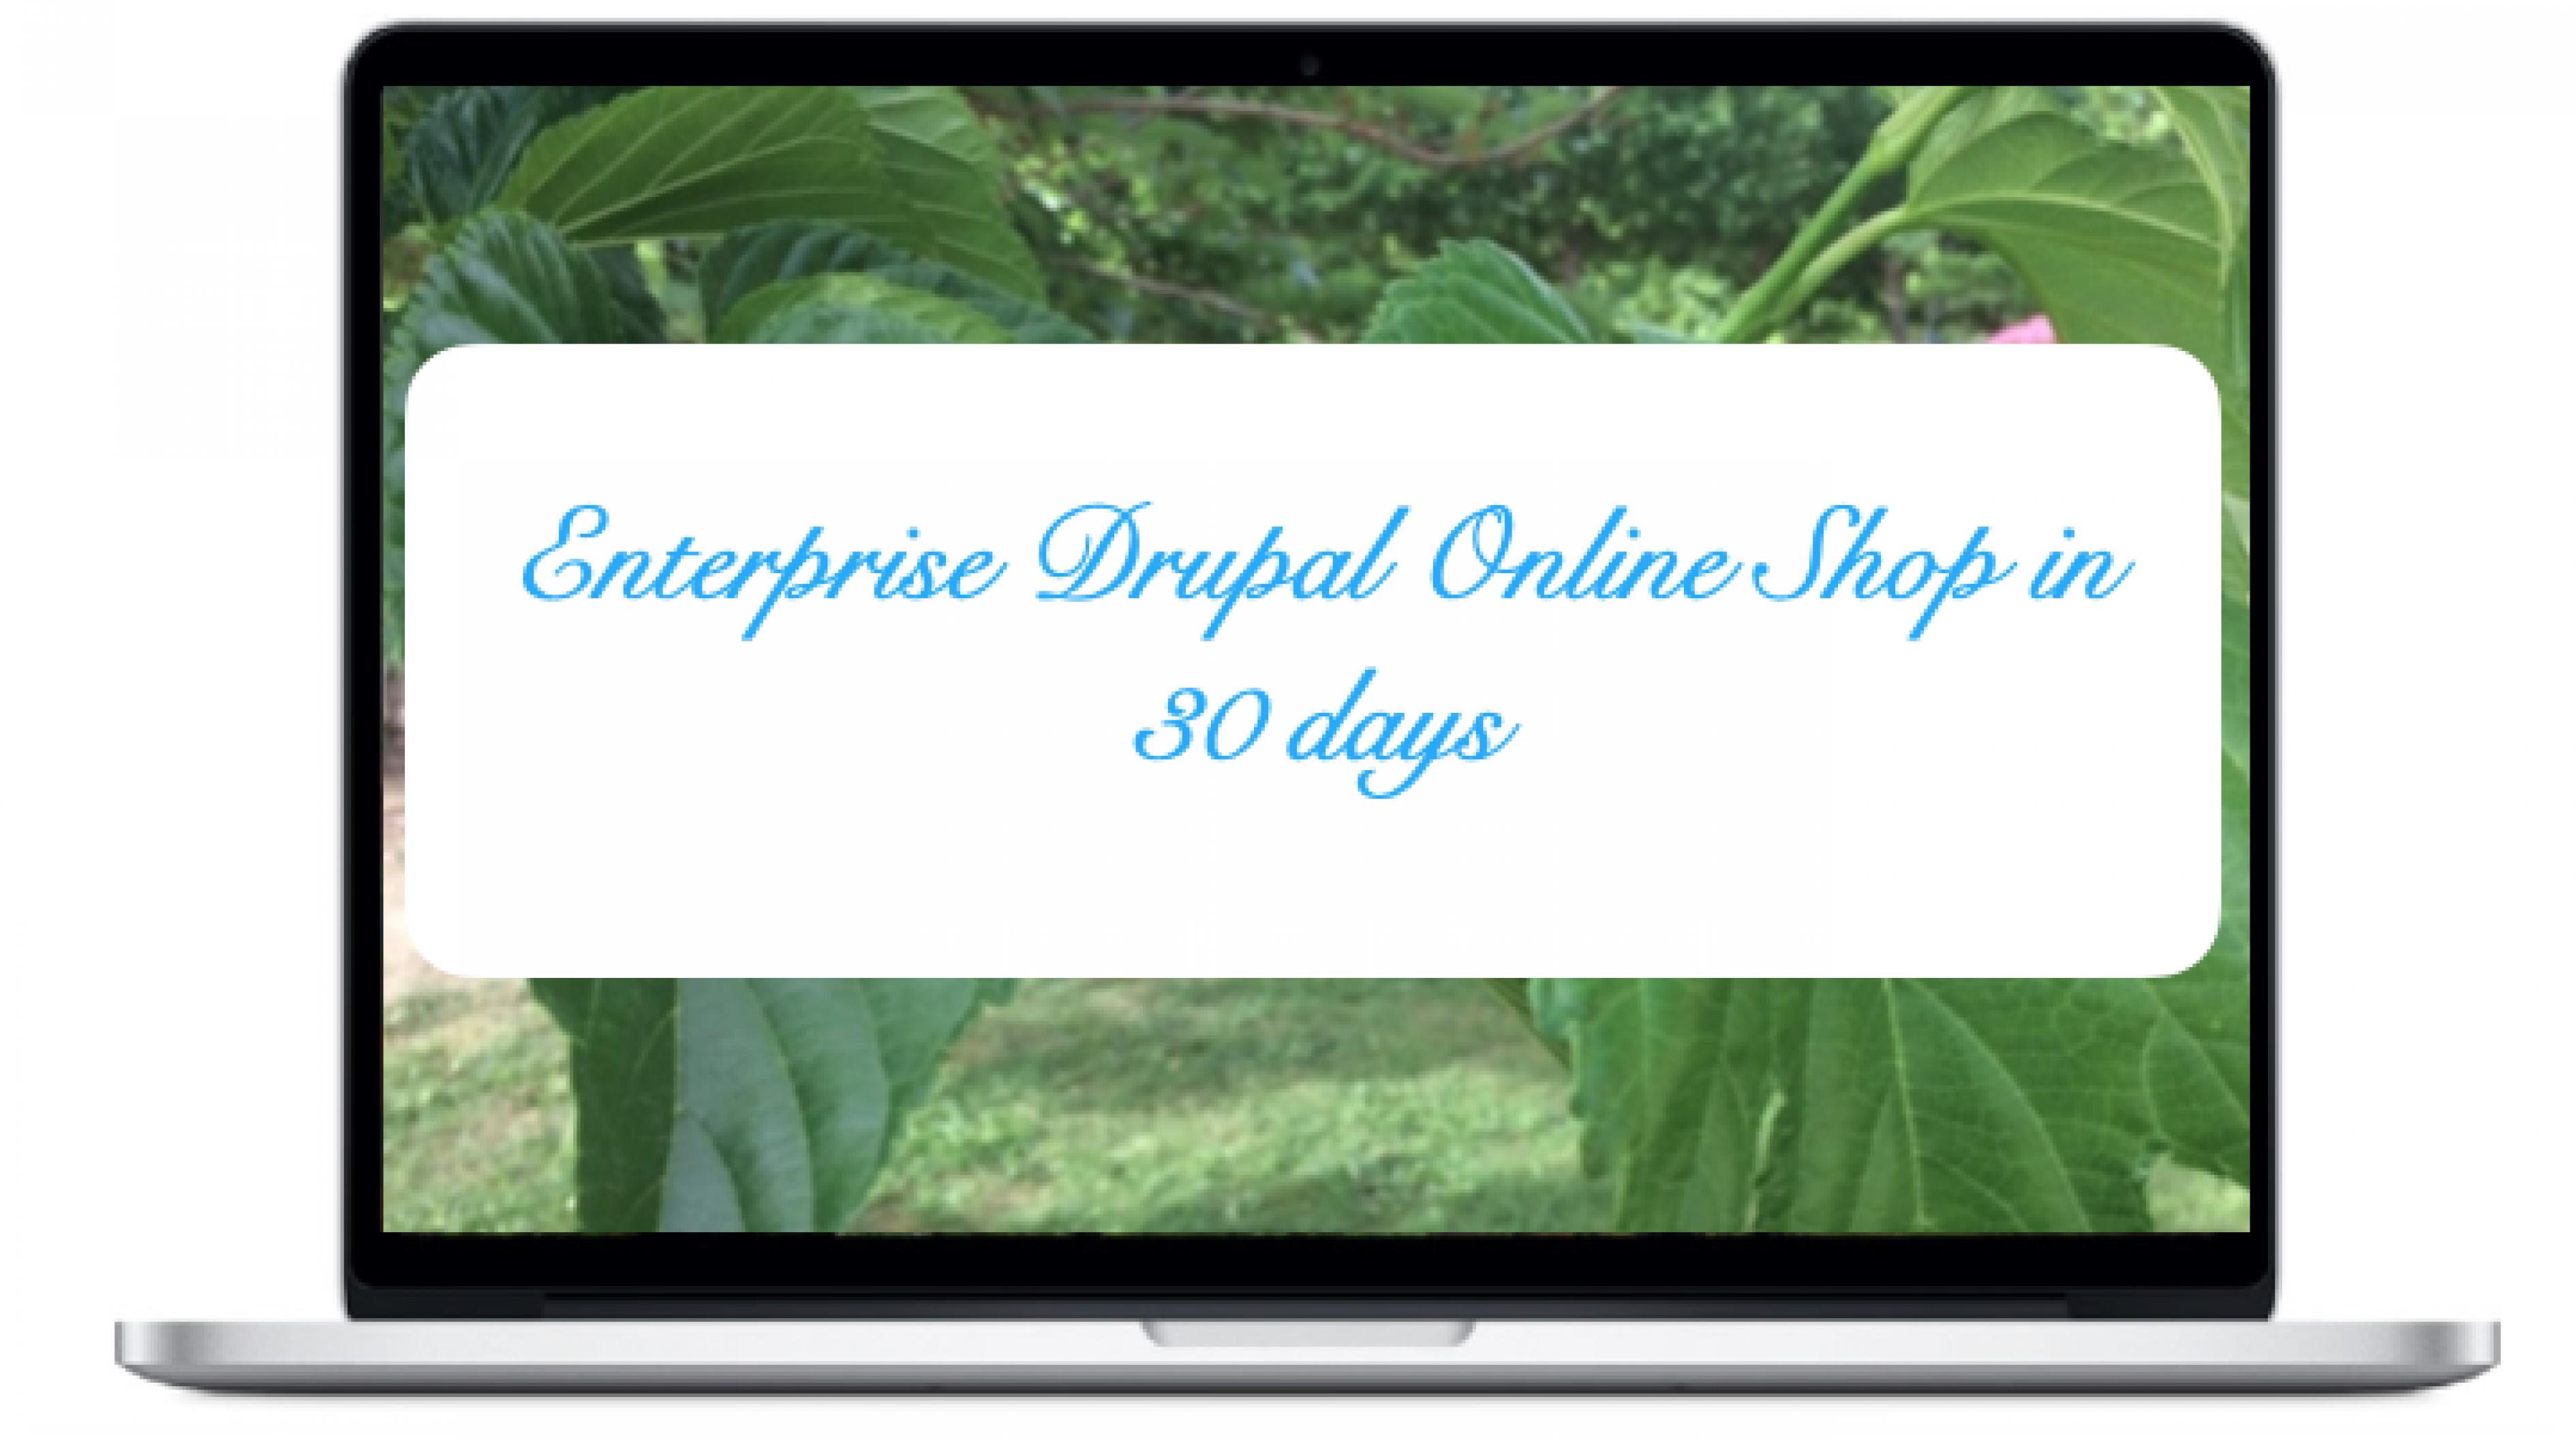 enterprise-drupal-online-shop-in-30-days.png